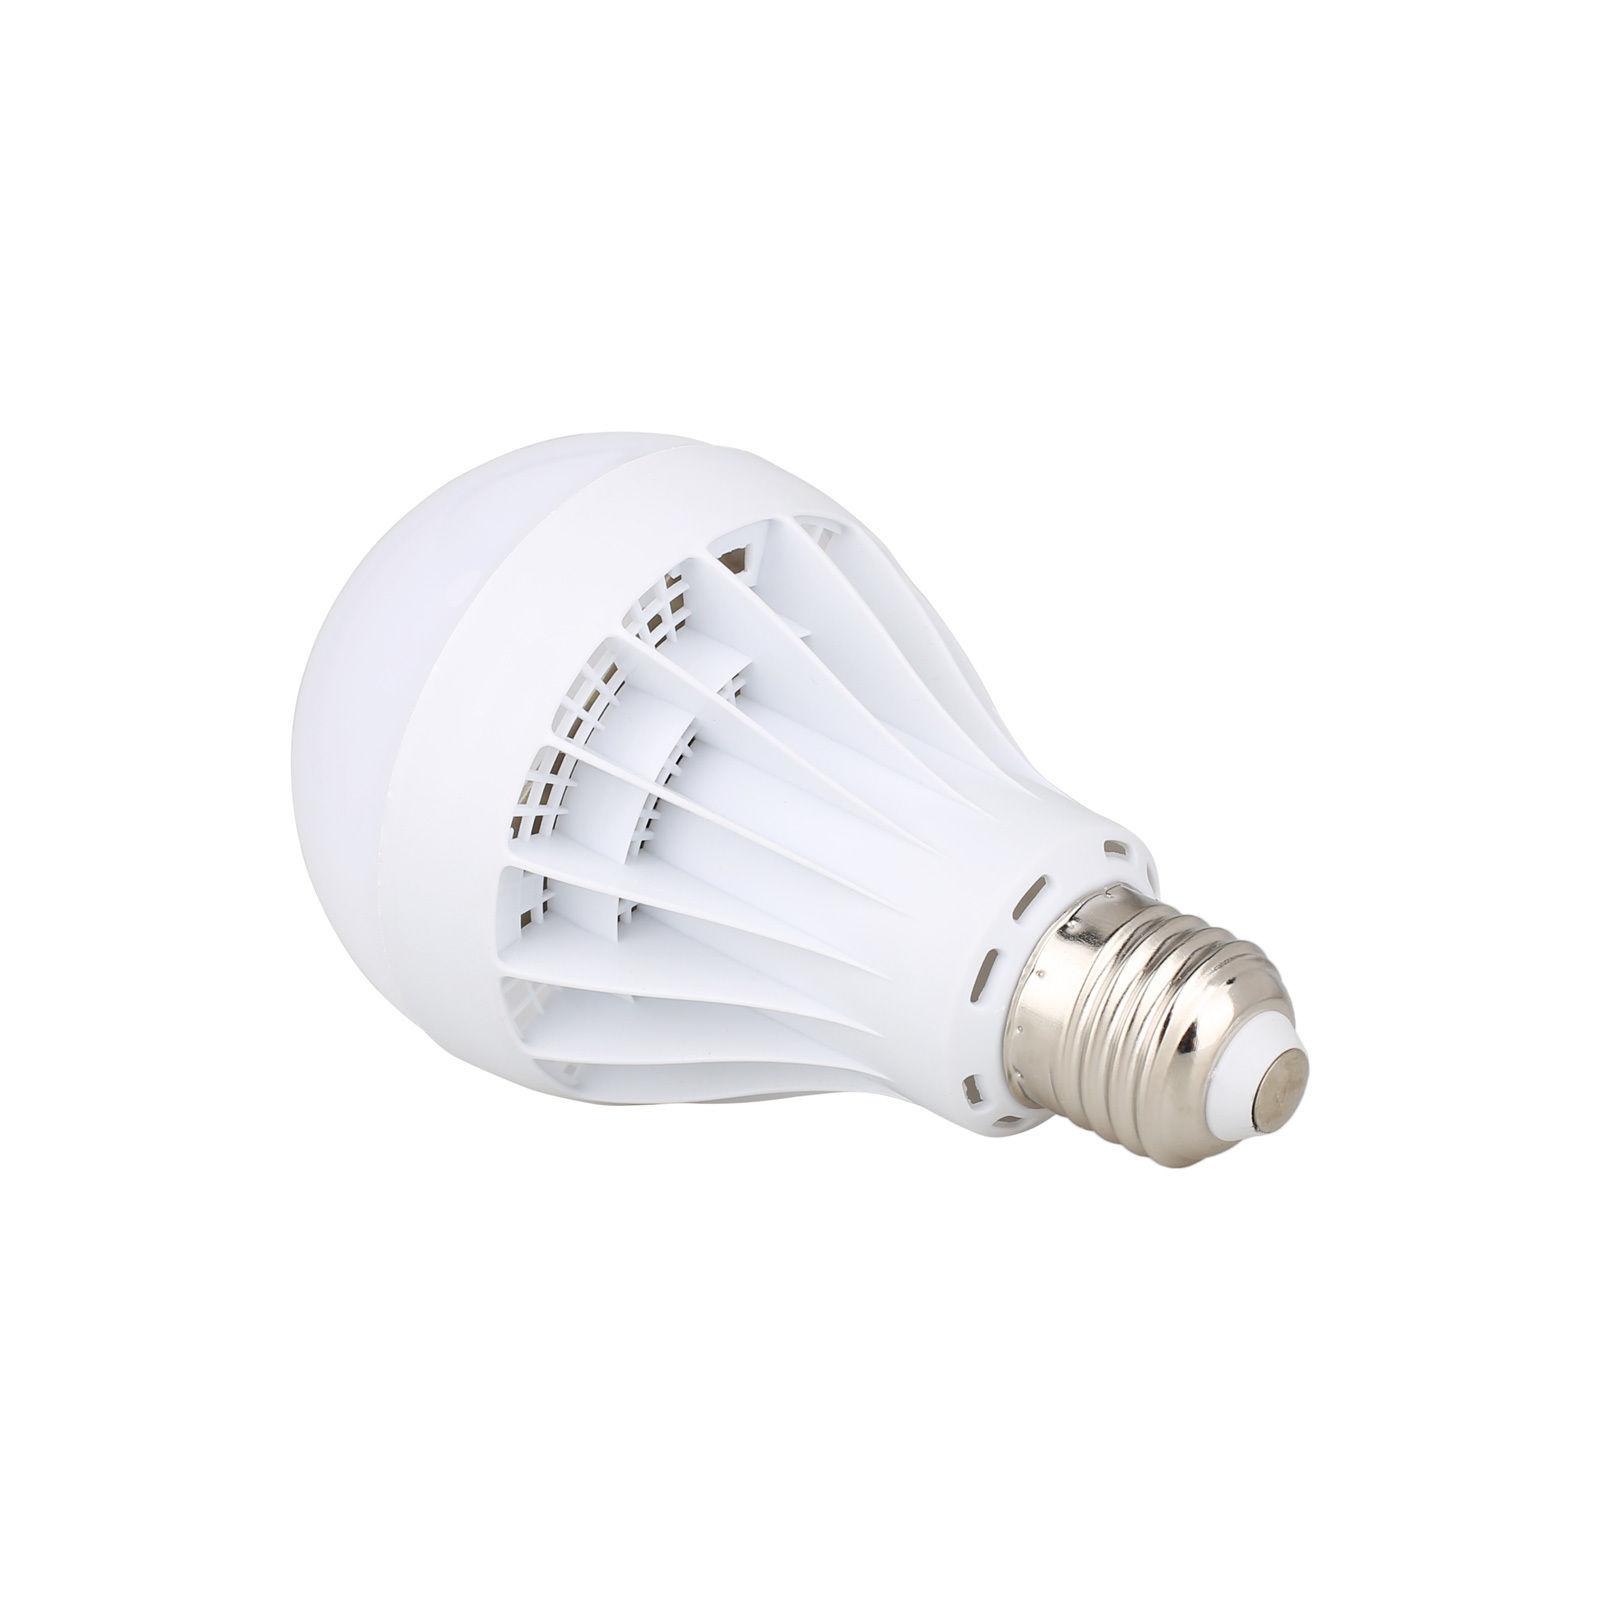 1c6e2541-a4c9-430d-8a7d-bd66fceeff39 Schöne Led Lampen E27 60 Watt Dekorationen